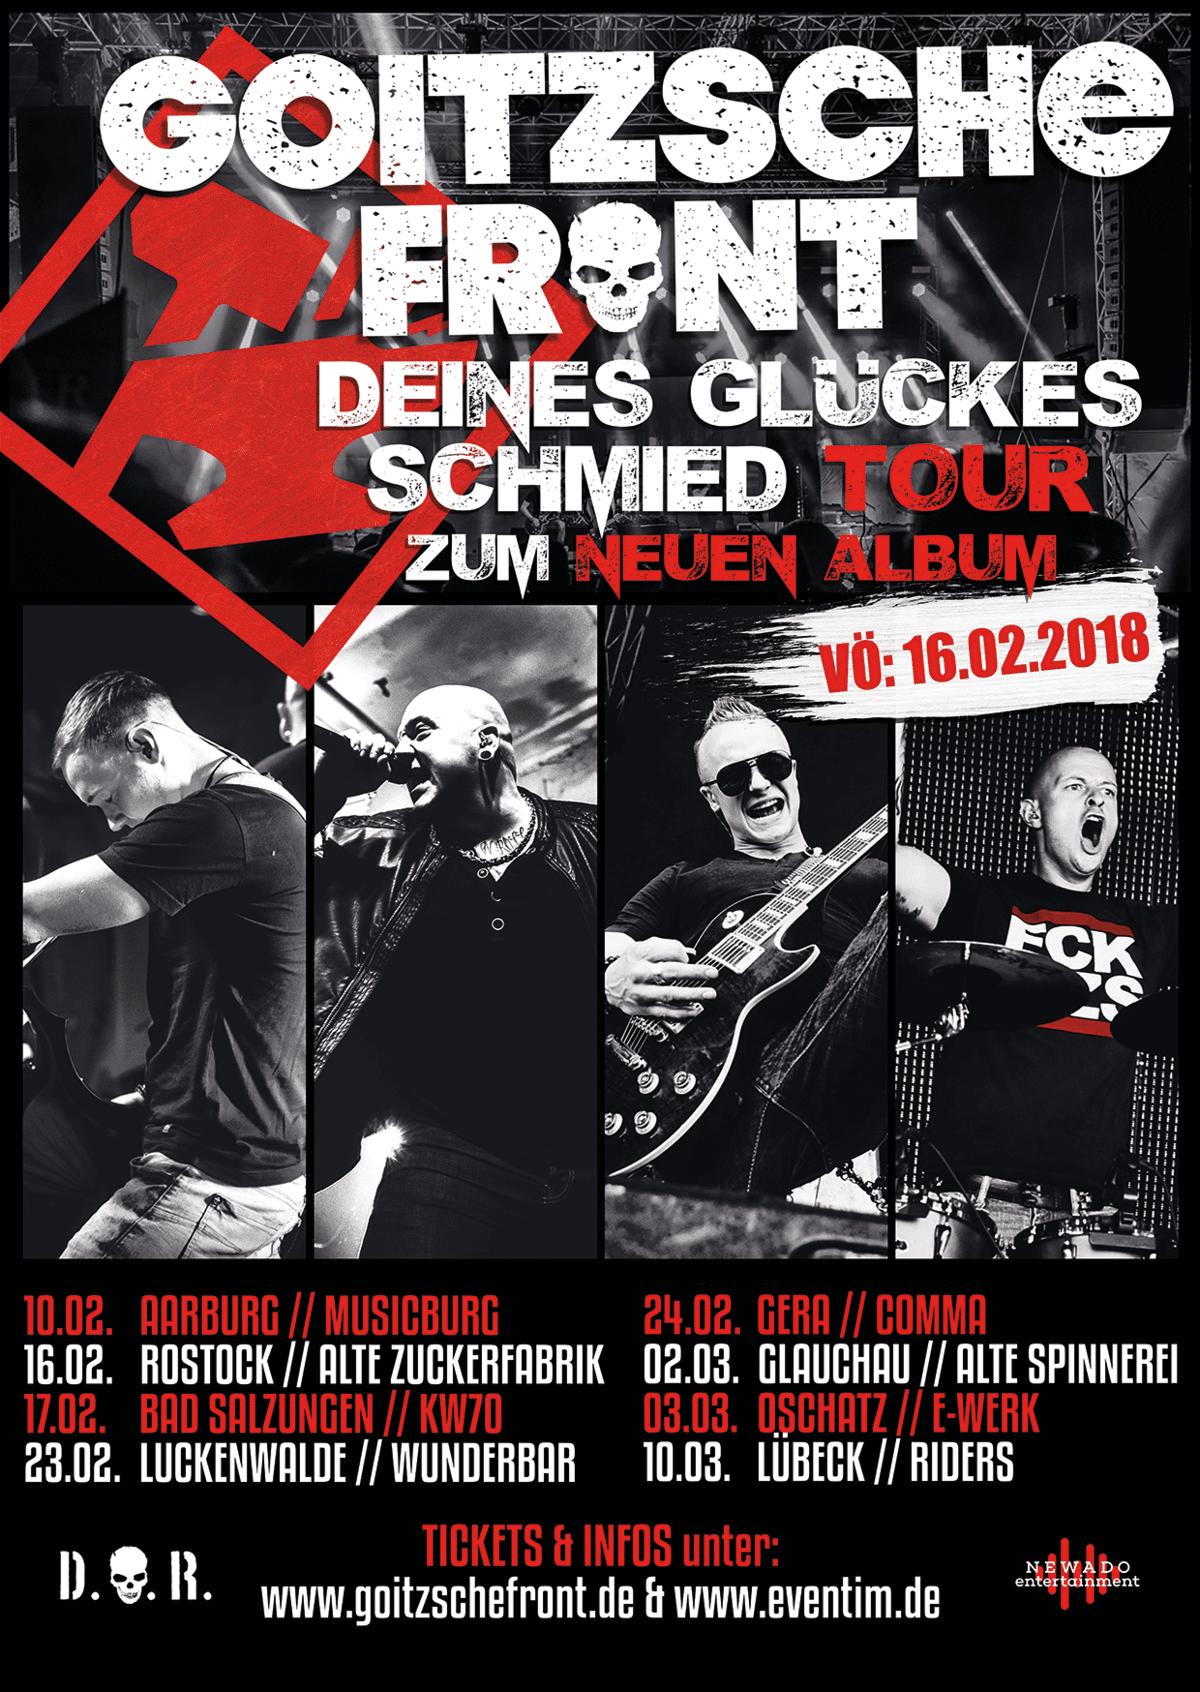 gf dgs-tour webflyer